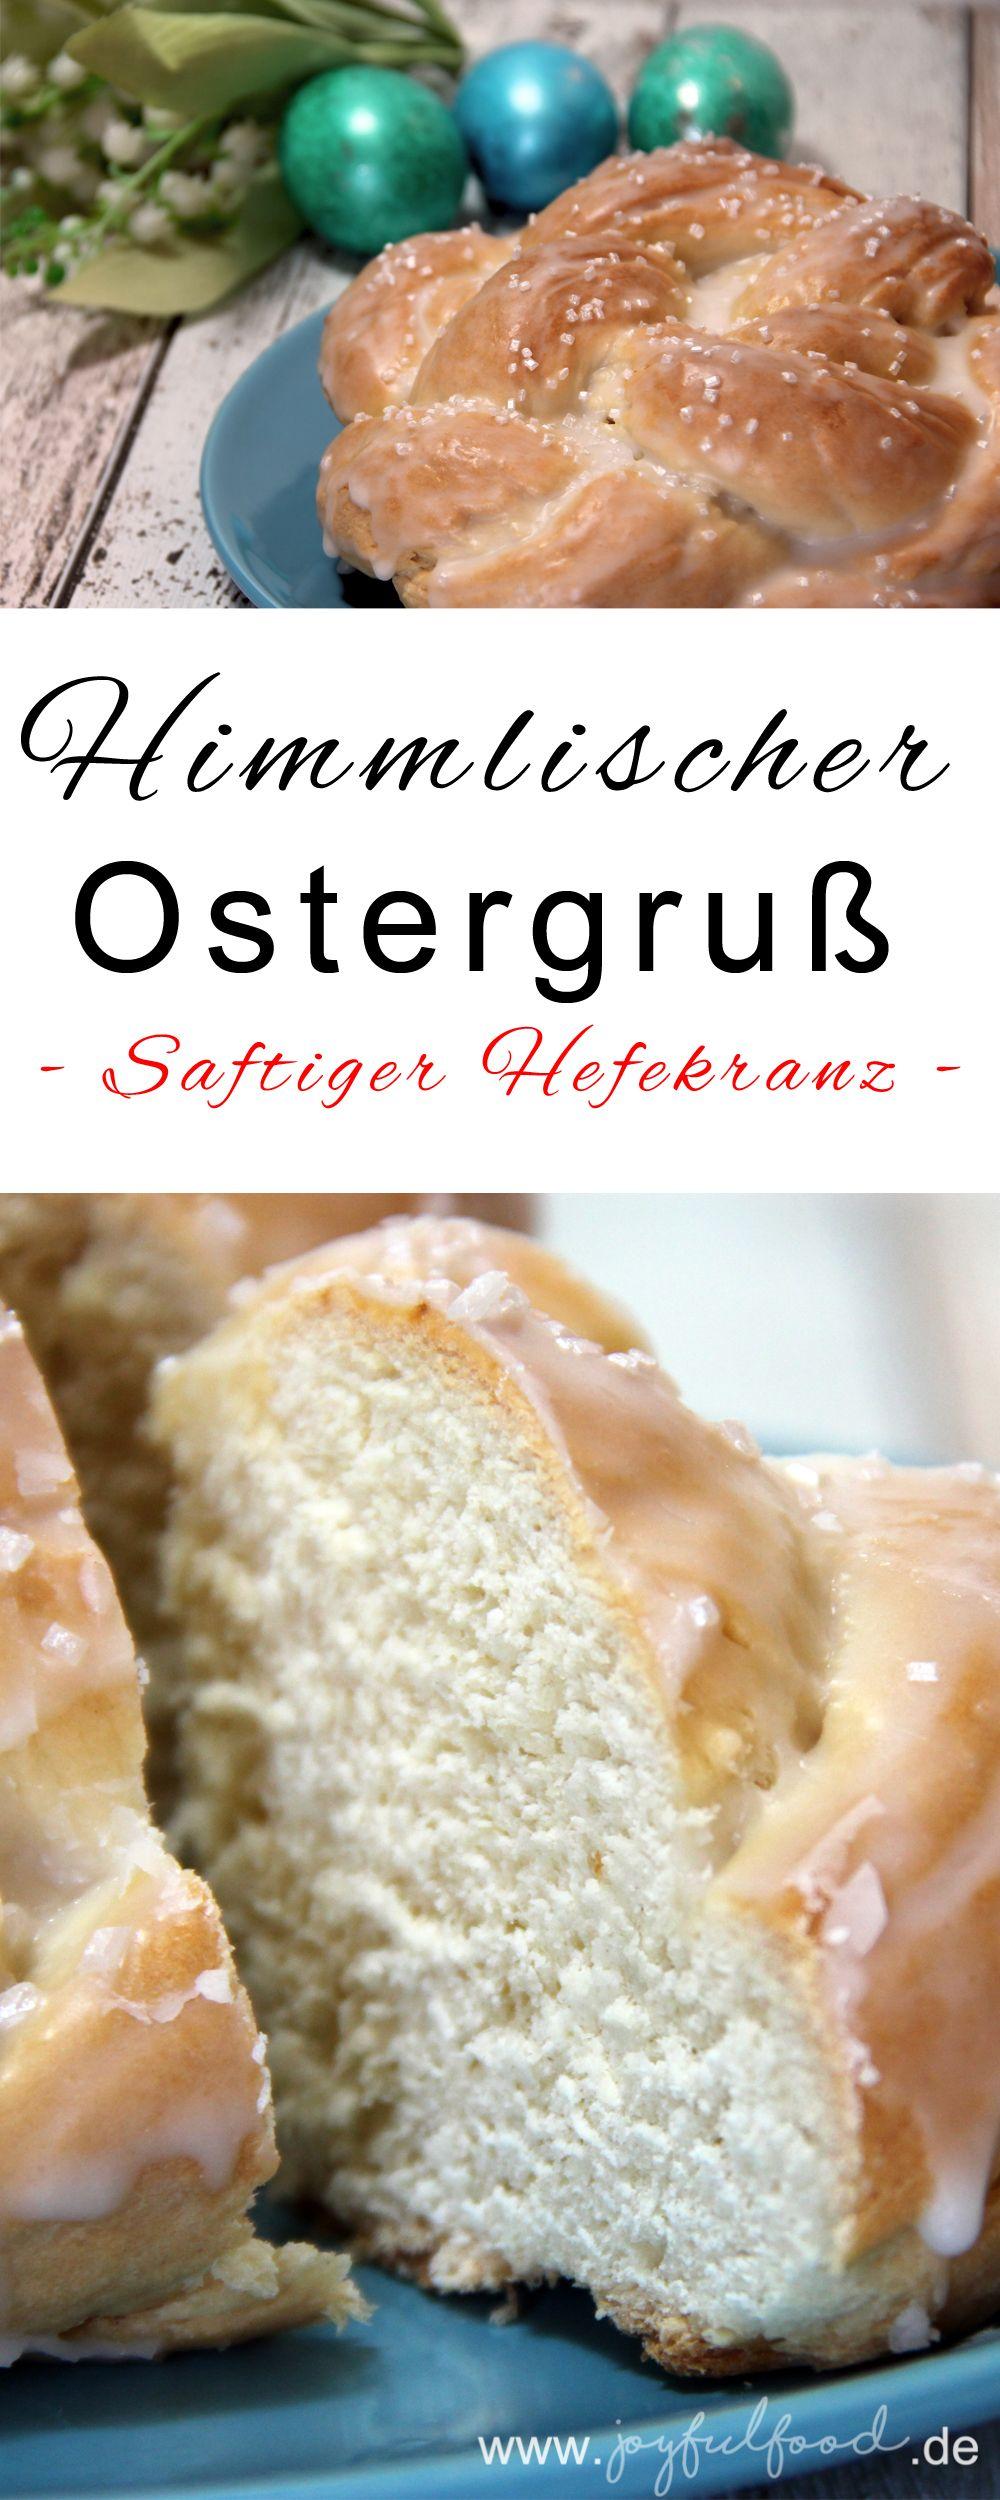 Himmlischer Ostergruß - saftiger Hefekranz | Joyful Food #hoppyeaster